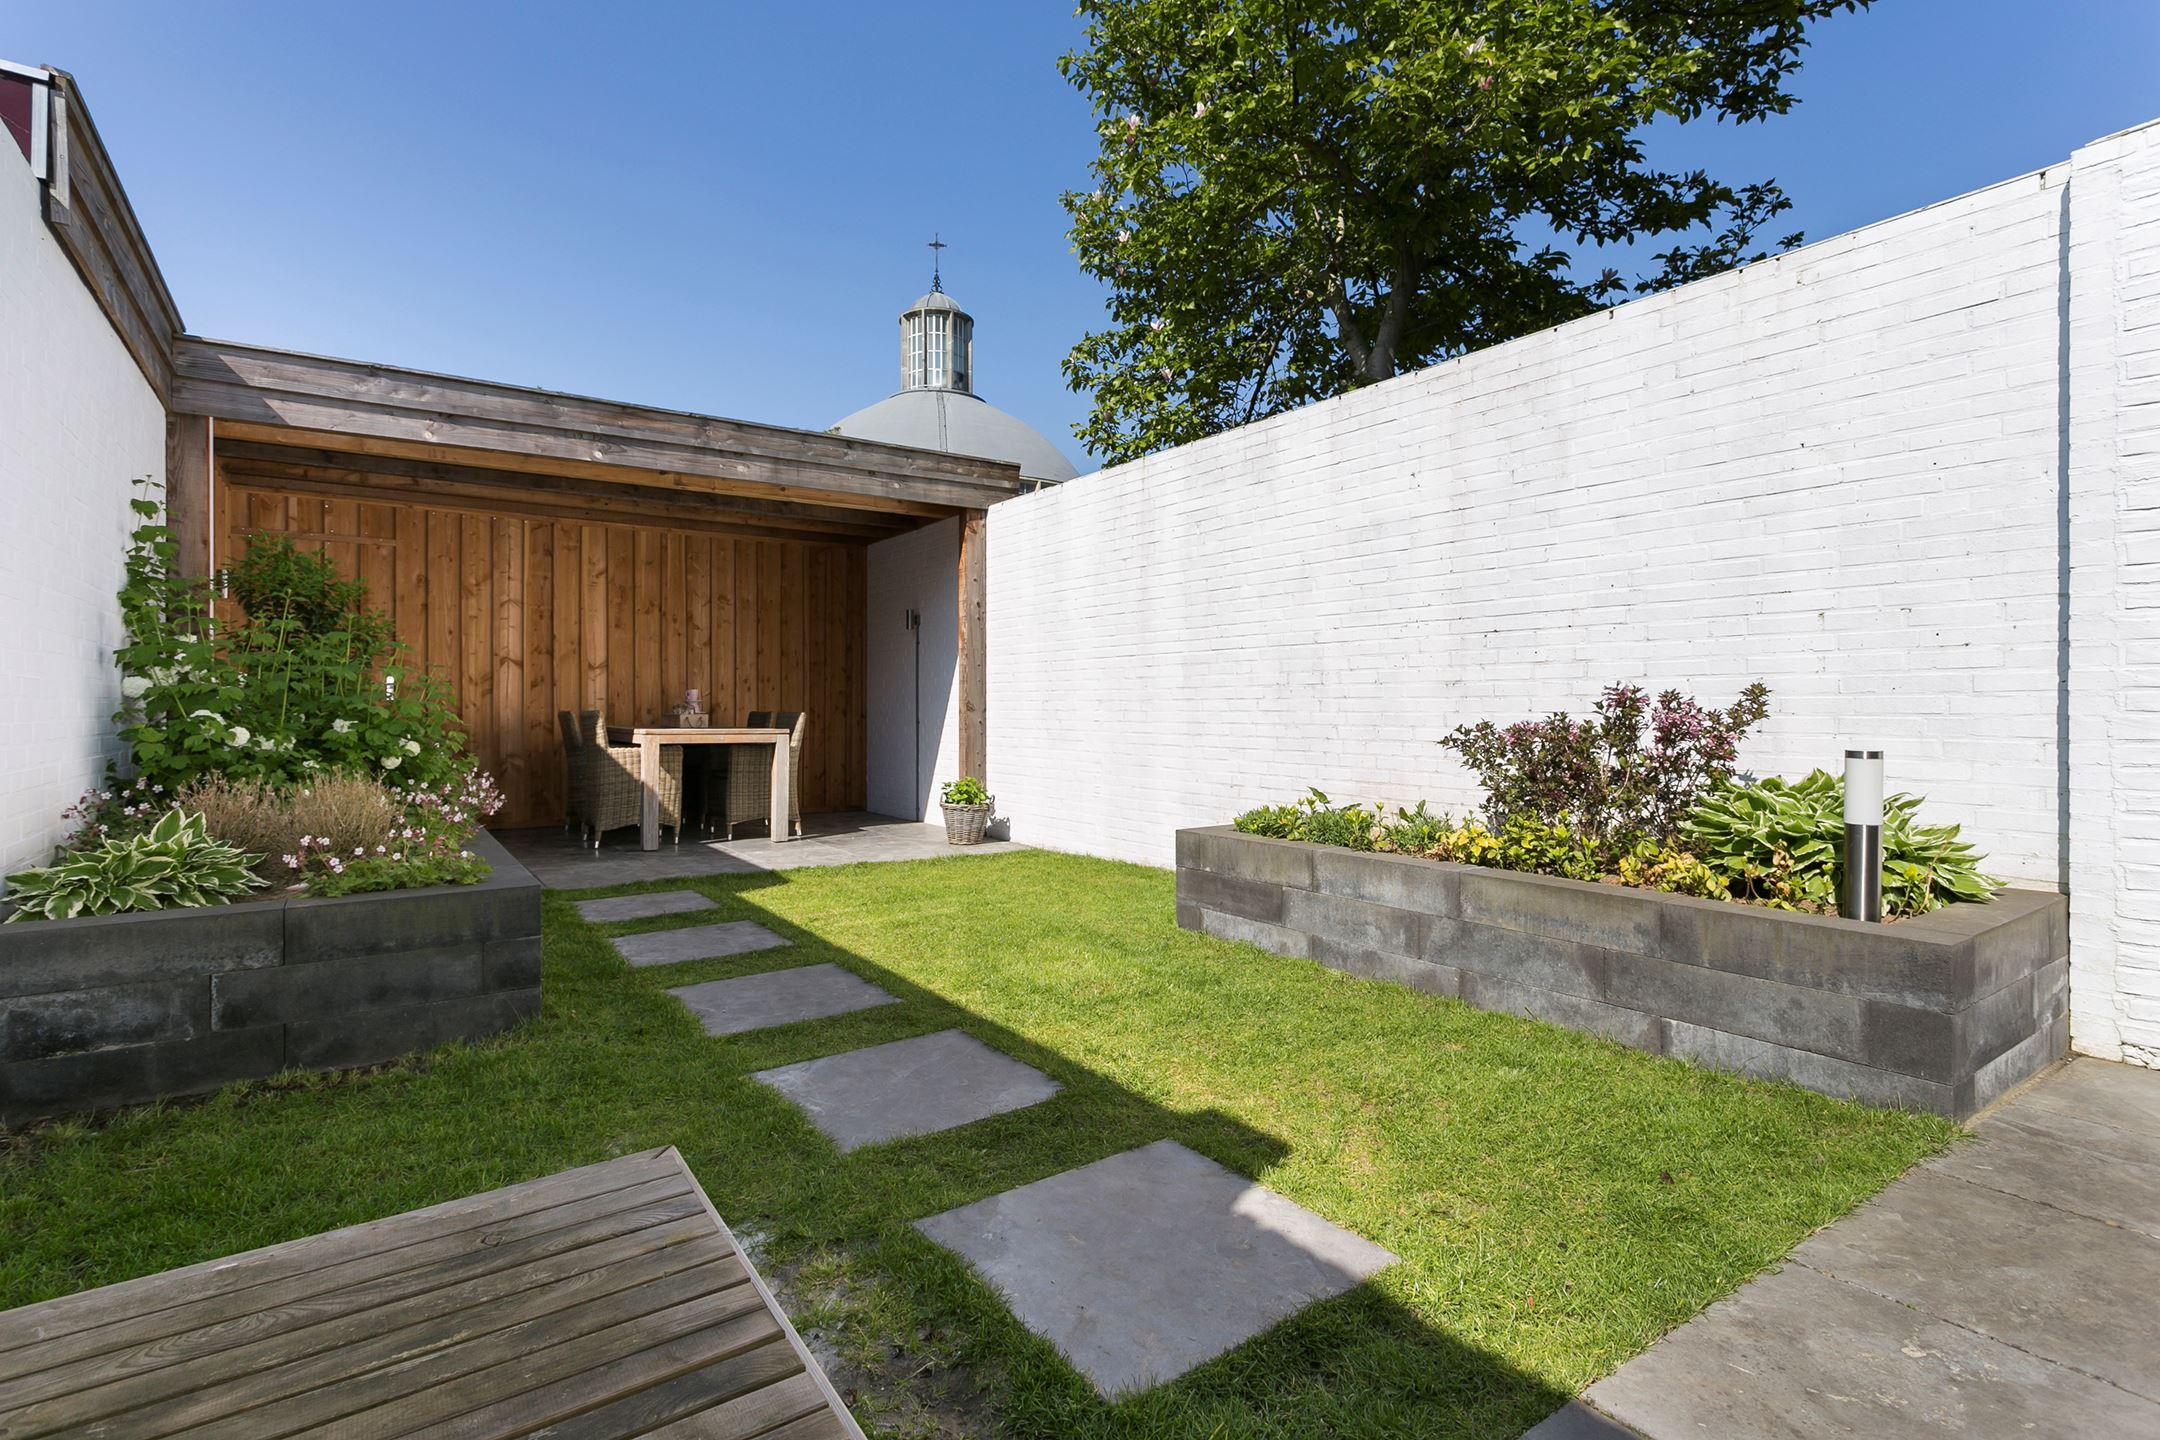 Verkocht pierre cuypersstraat 36 6041 xh roermond funda for Huis tuin roermond